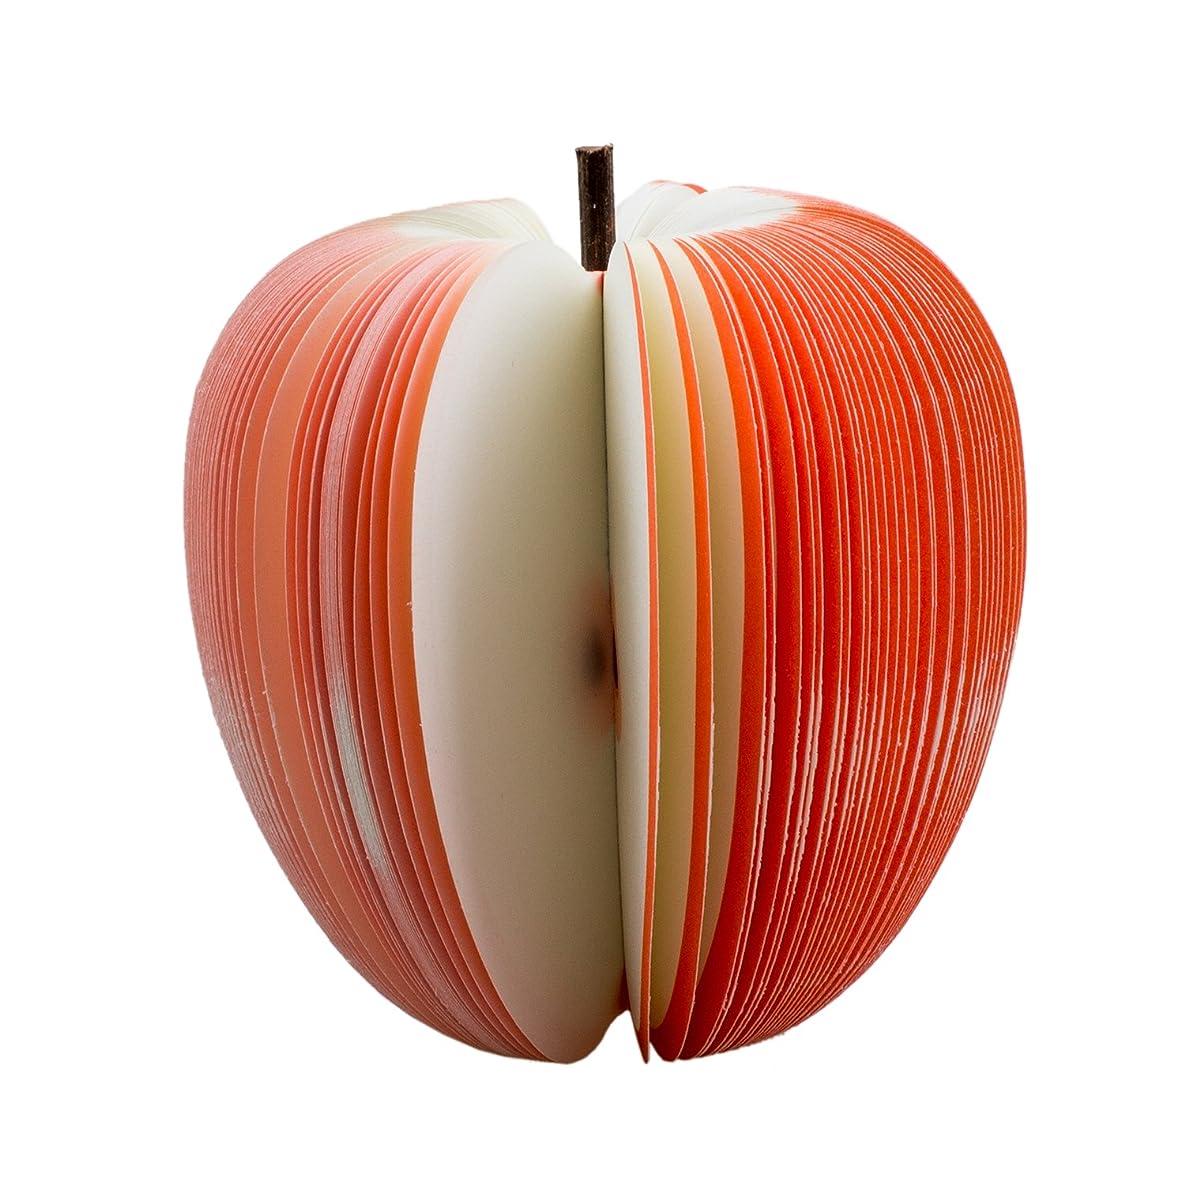 刑務所過度に完璧なSODIAL(R) 赤いリンゴ果実オーガナイザーメモ帳メモ帳紙のギフト